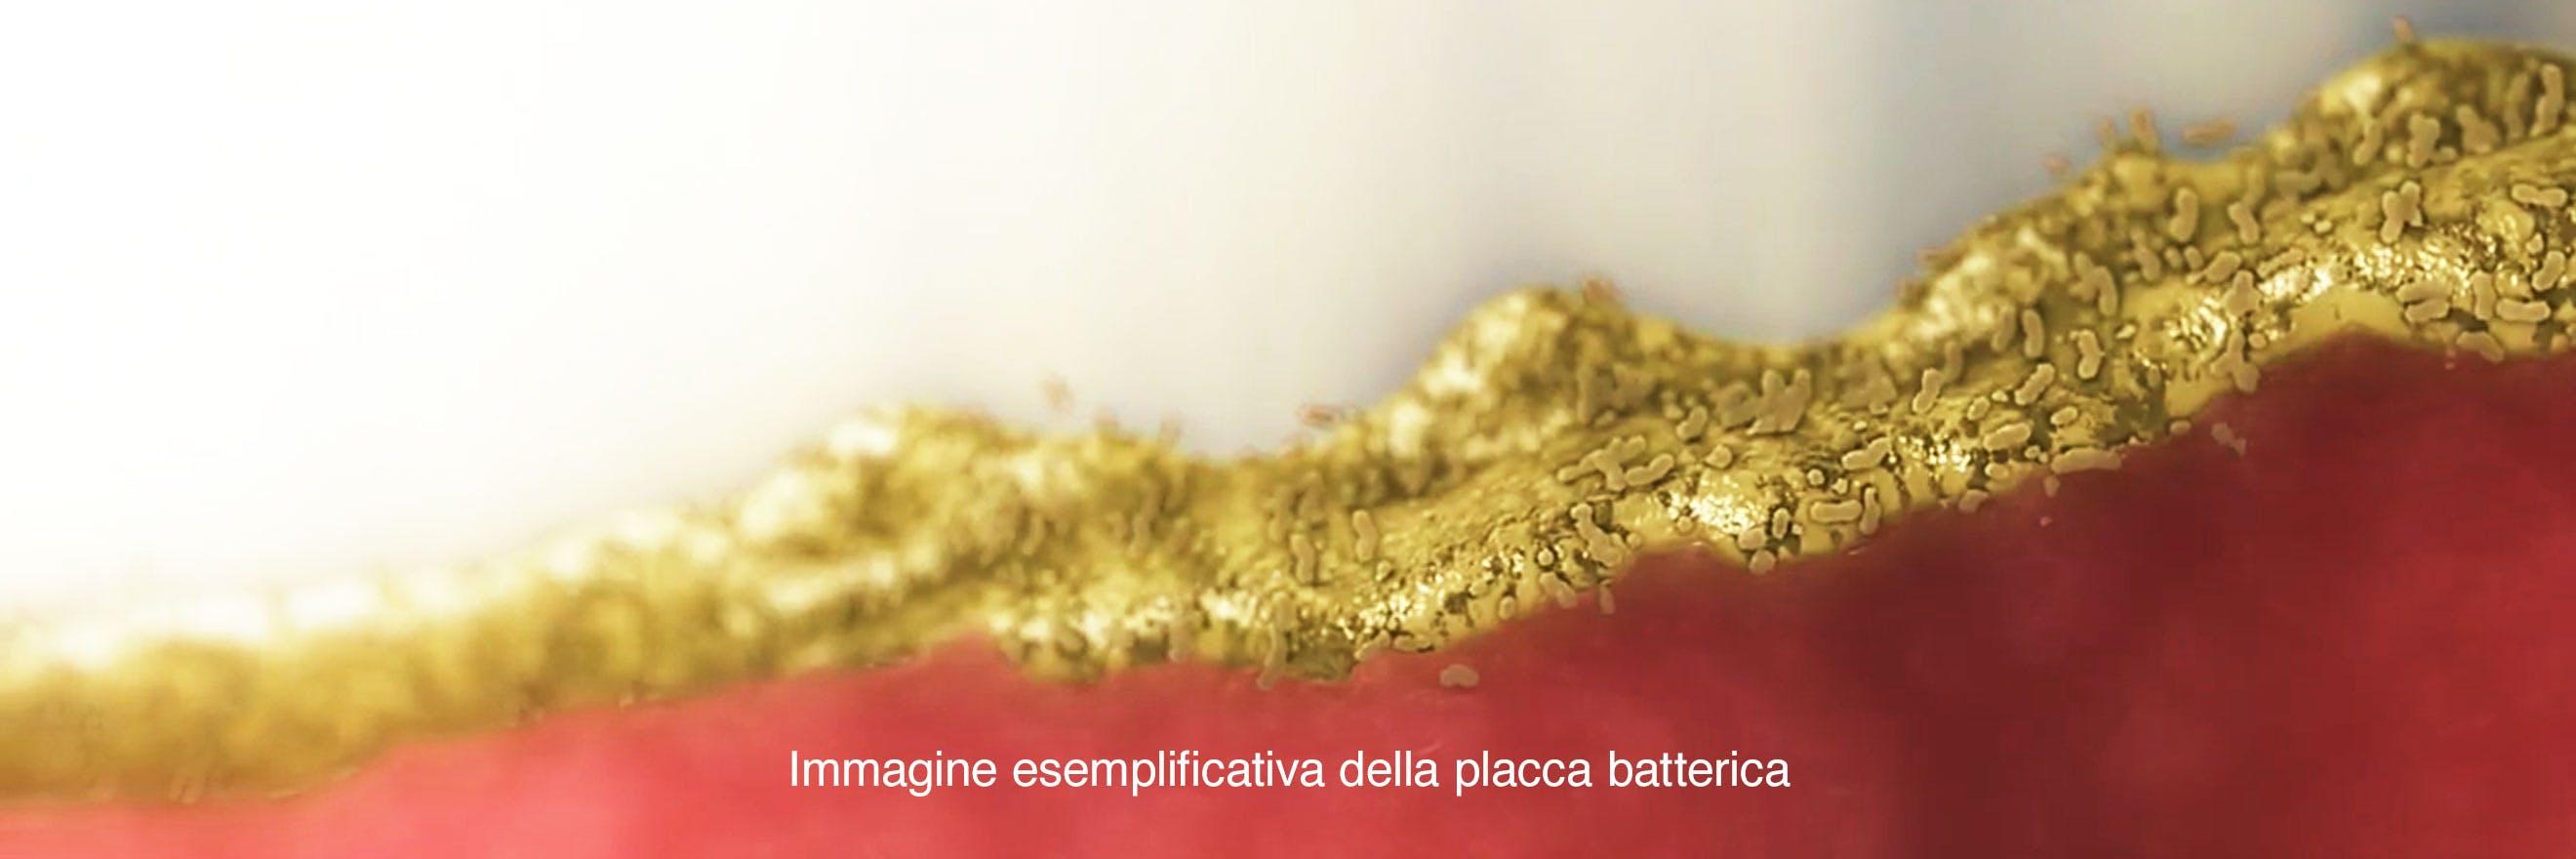 Immagine rappresentativa dei batteri su bordo gengivale